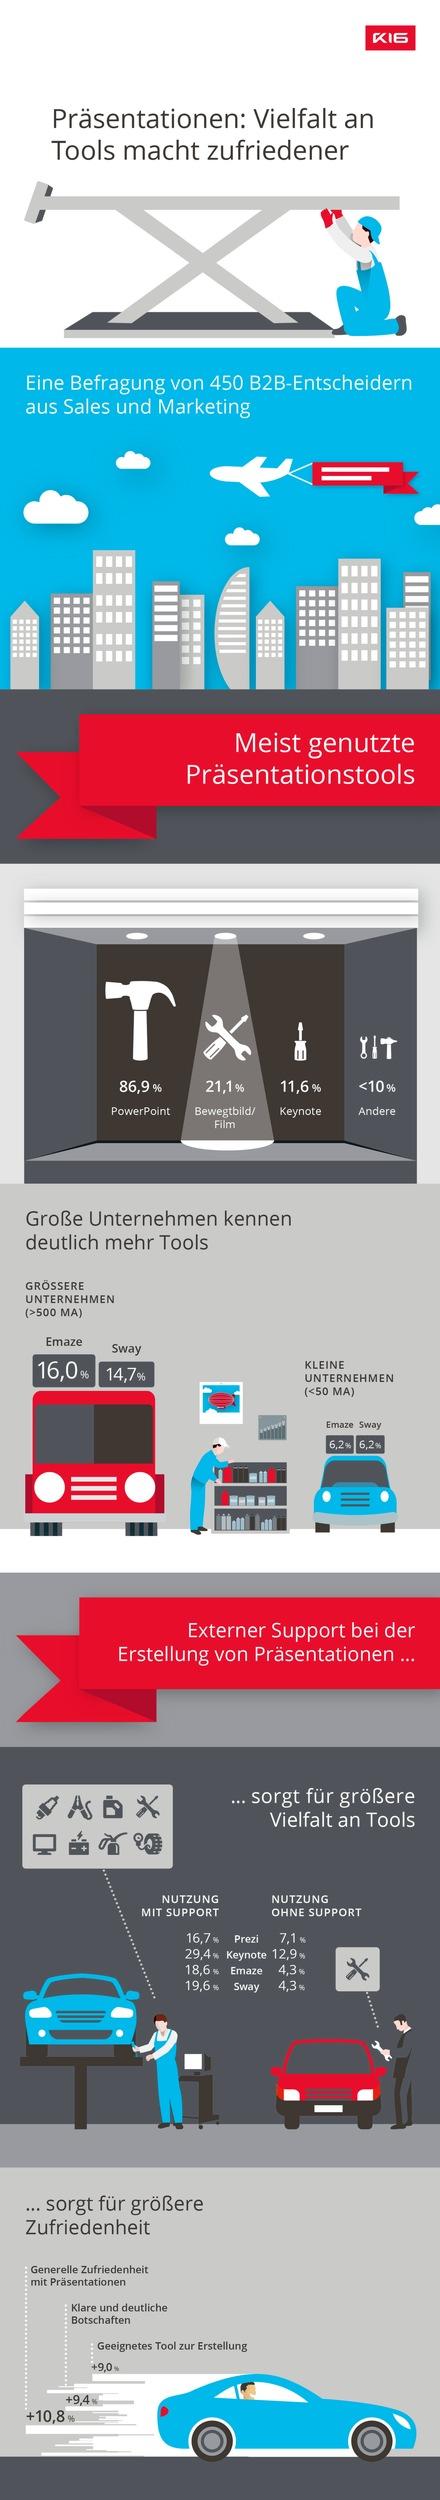 GfK-Studie: Bei der Präsentationsgestaltung fehlt es an Mut und Innovation / 86,9 Prozent der B2B-Unternehmen setzen weiterhin vor allem auf PowerPoint, andere Tools weit abgeschlagen